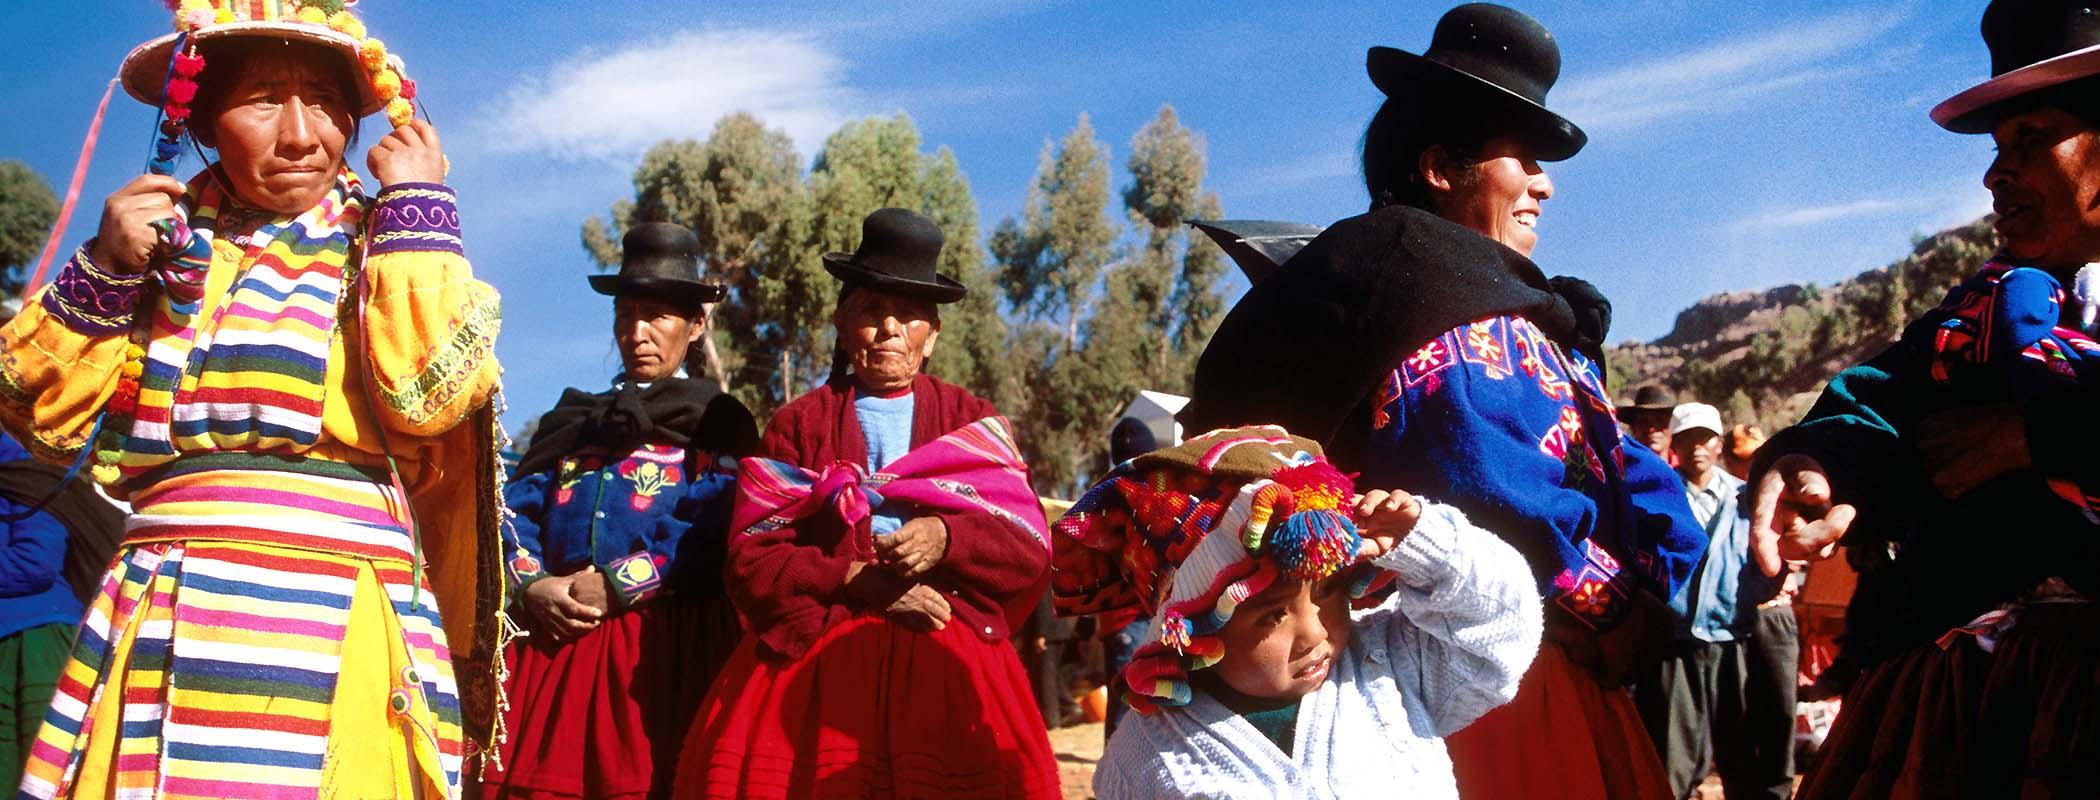 Ethnocolor Mission